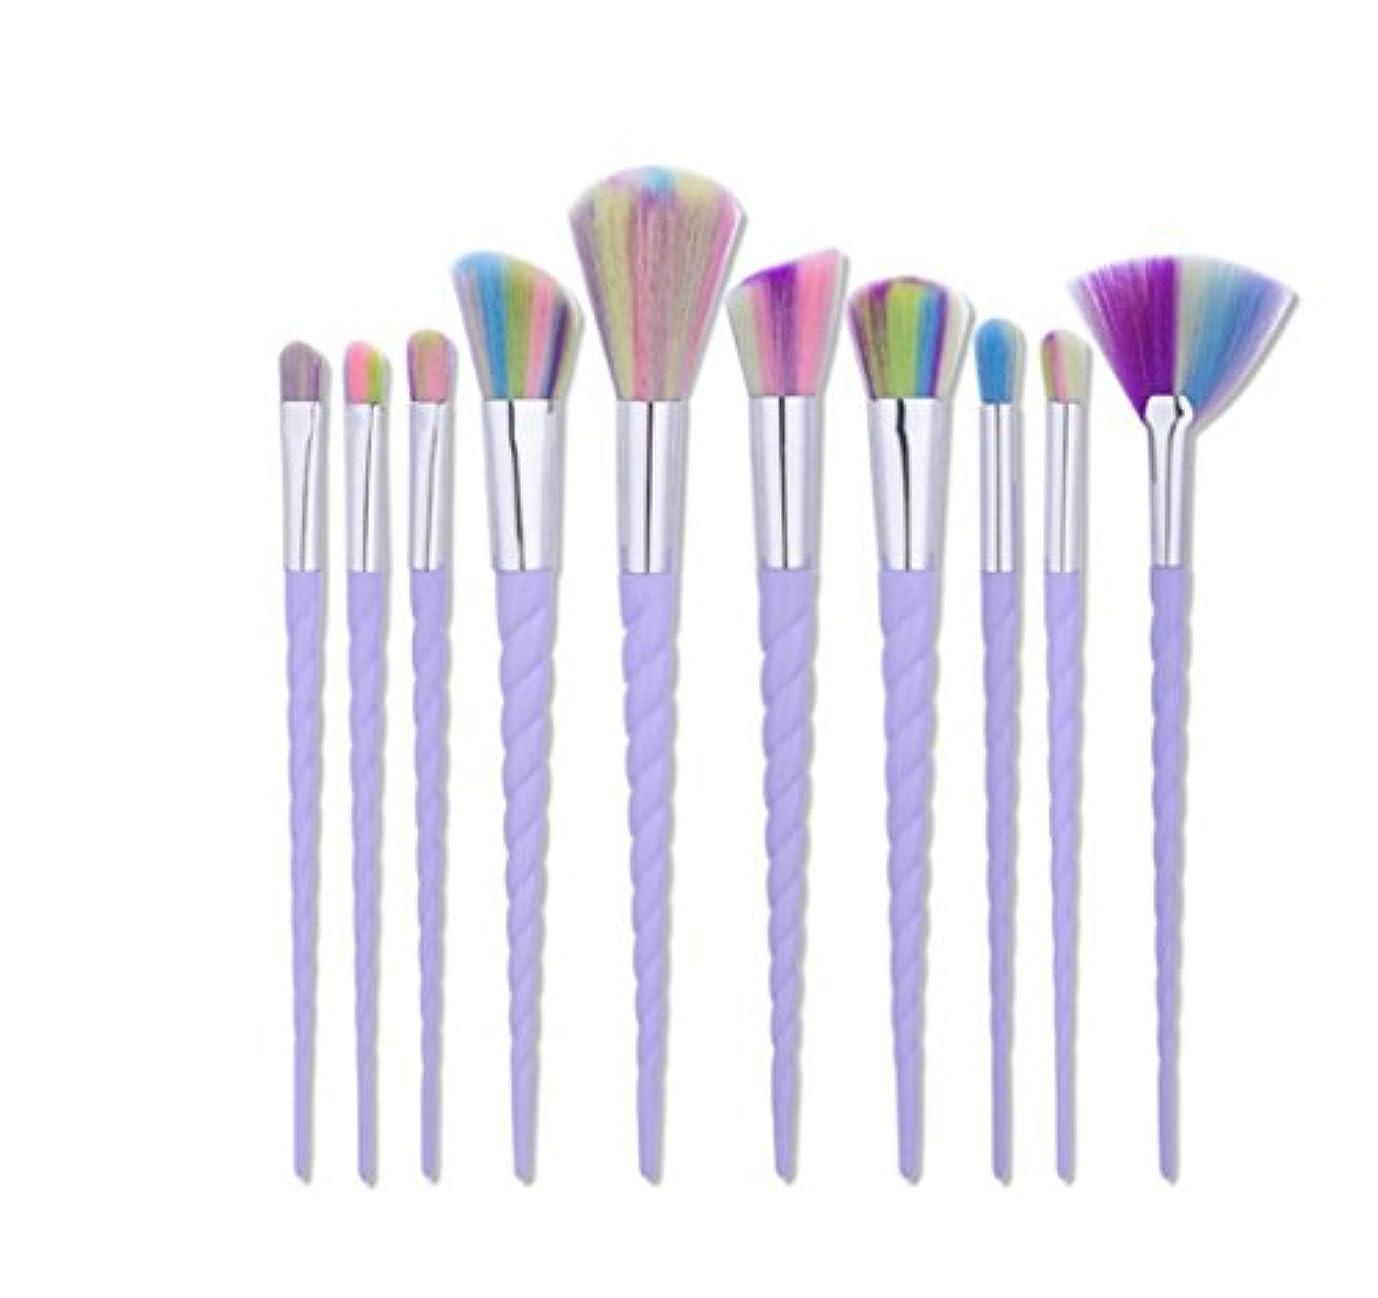 ルート配る高揚したDilla Beauty 10本セットユニコーンデザインプラスチックハンドル形状メイクブラシセット合成毛ファンデーションブラシアイシャドーブラッシャー美容ツール (ホワイト-4)